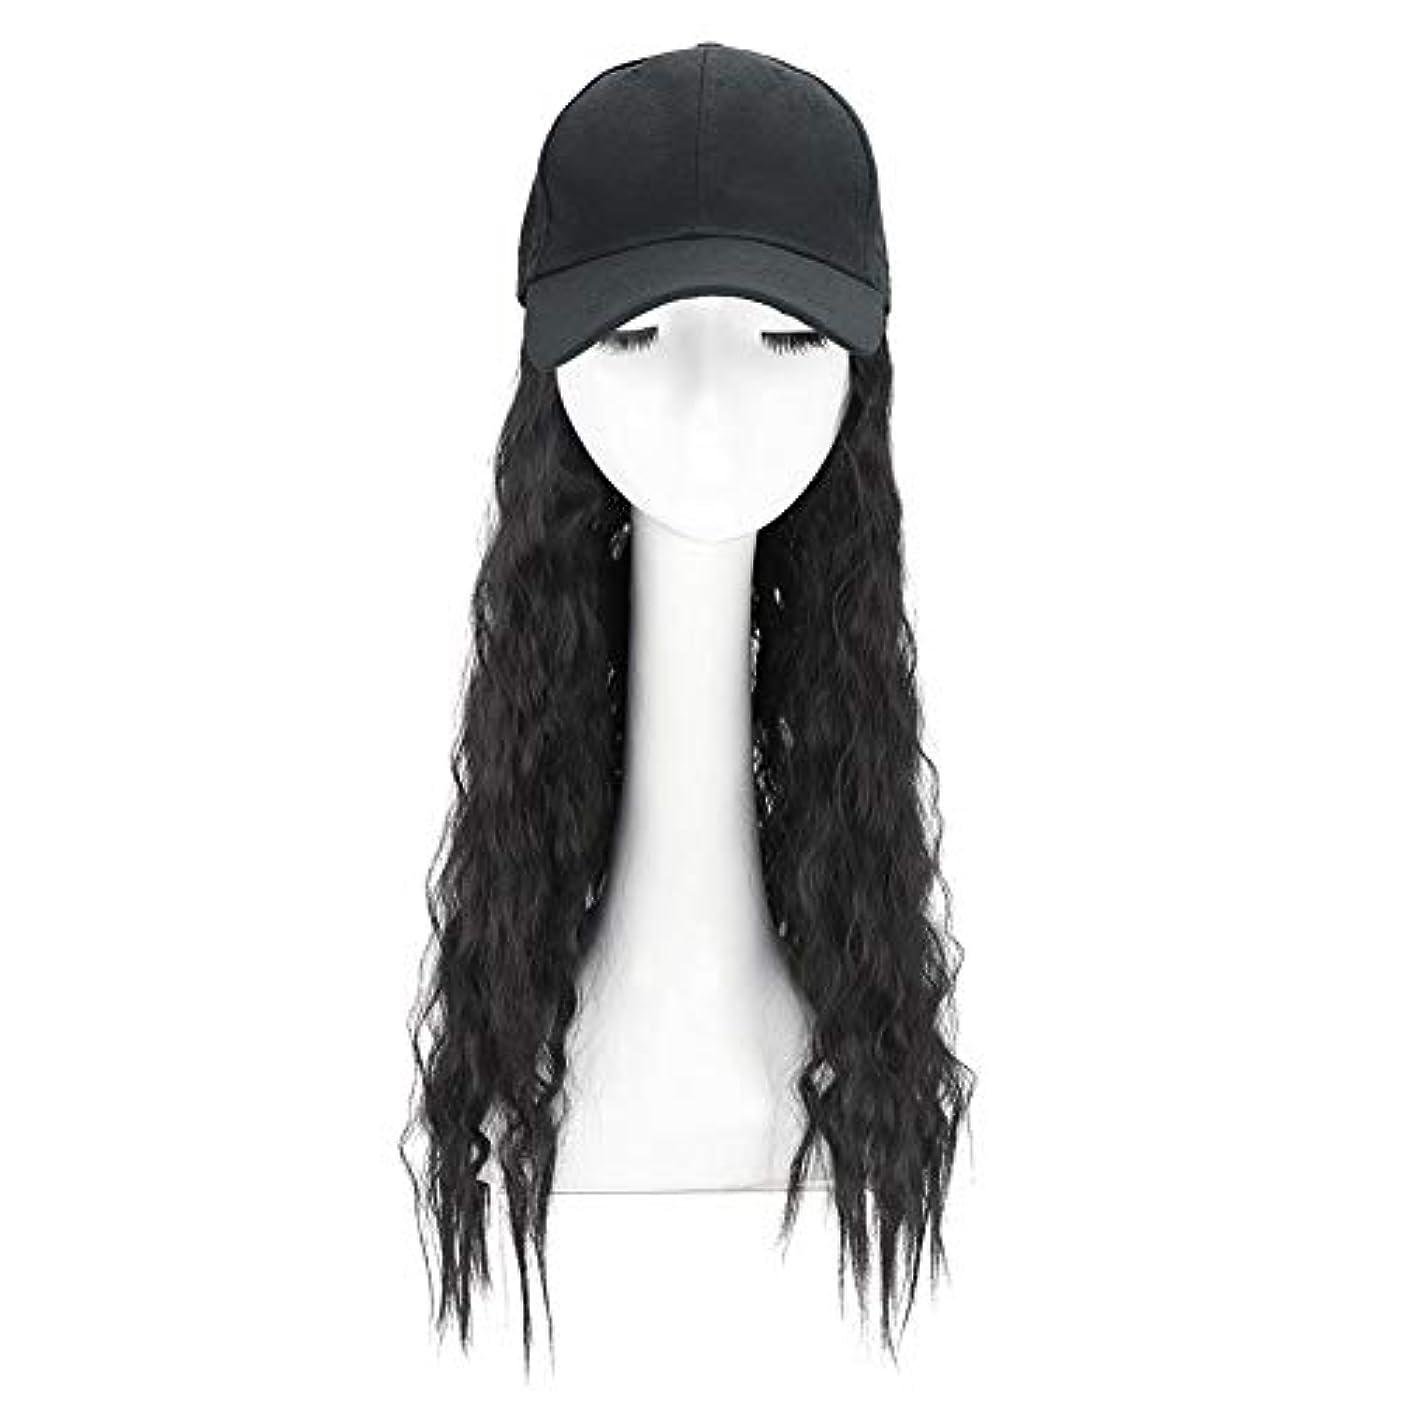 マークダウンうぬぼれたブラザーBrill(ブリーオ)帽子ロングカーリーウェーブ女性ファッション野球帽ブラックウィッグ